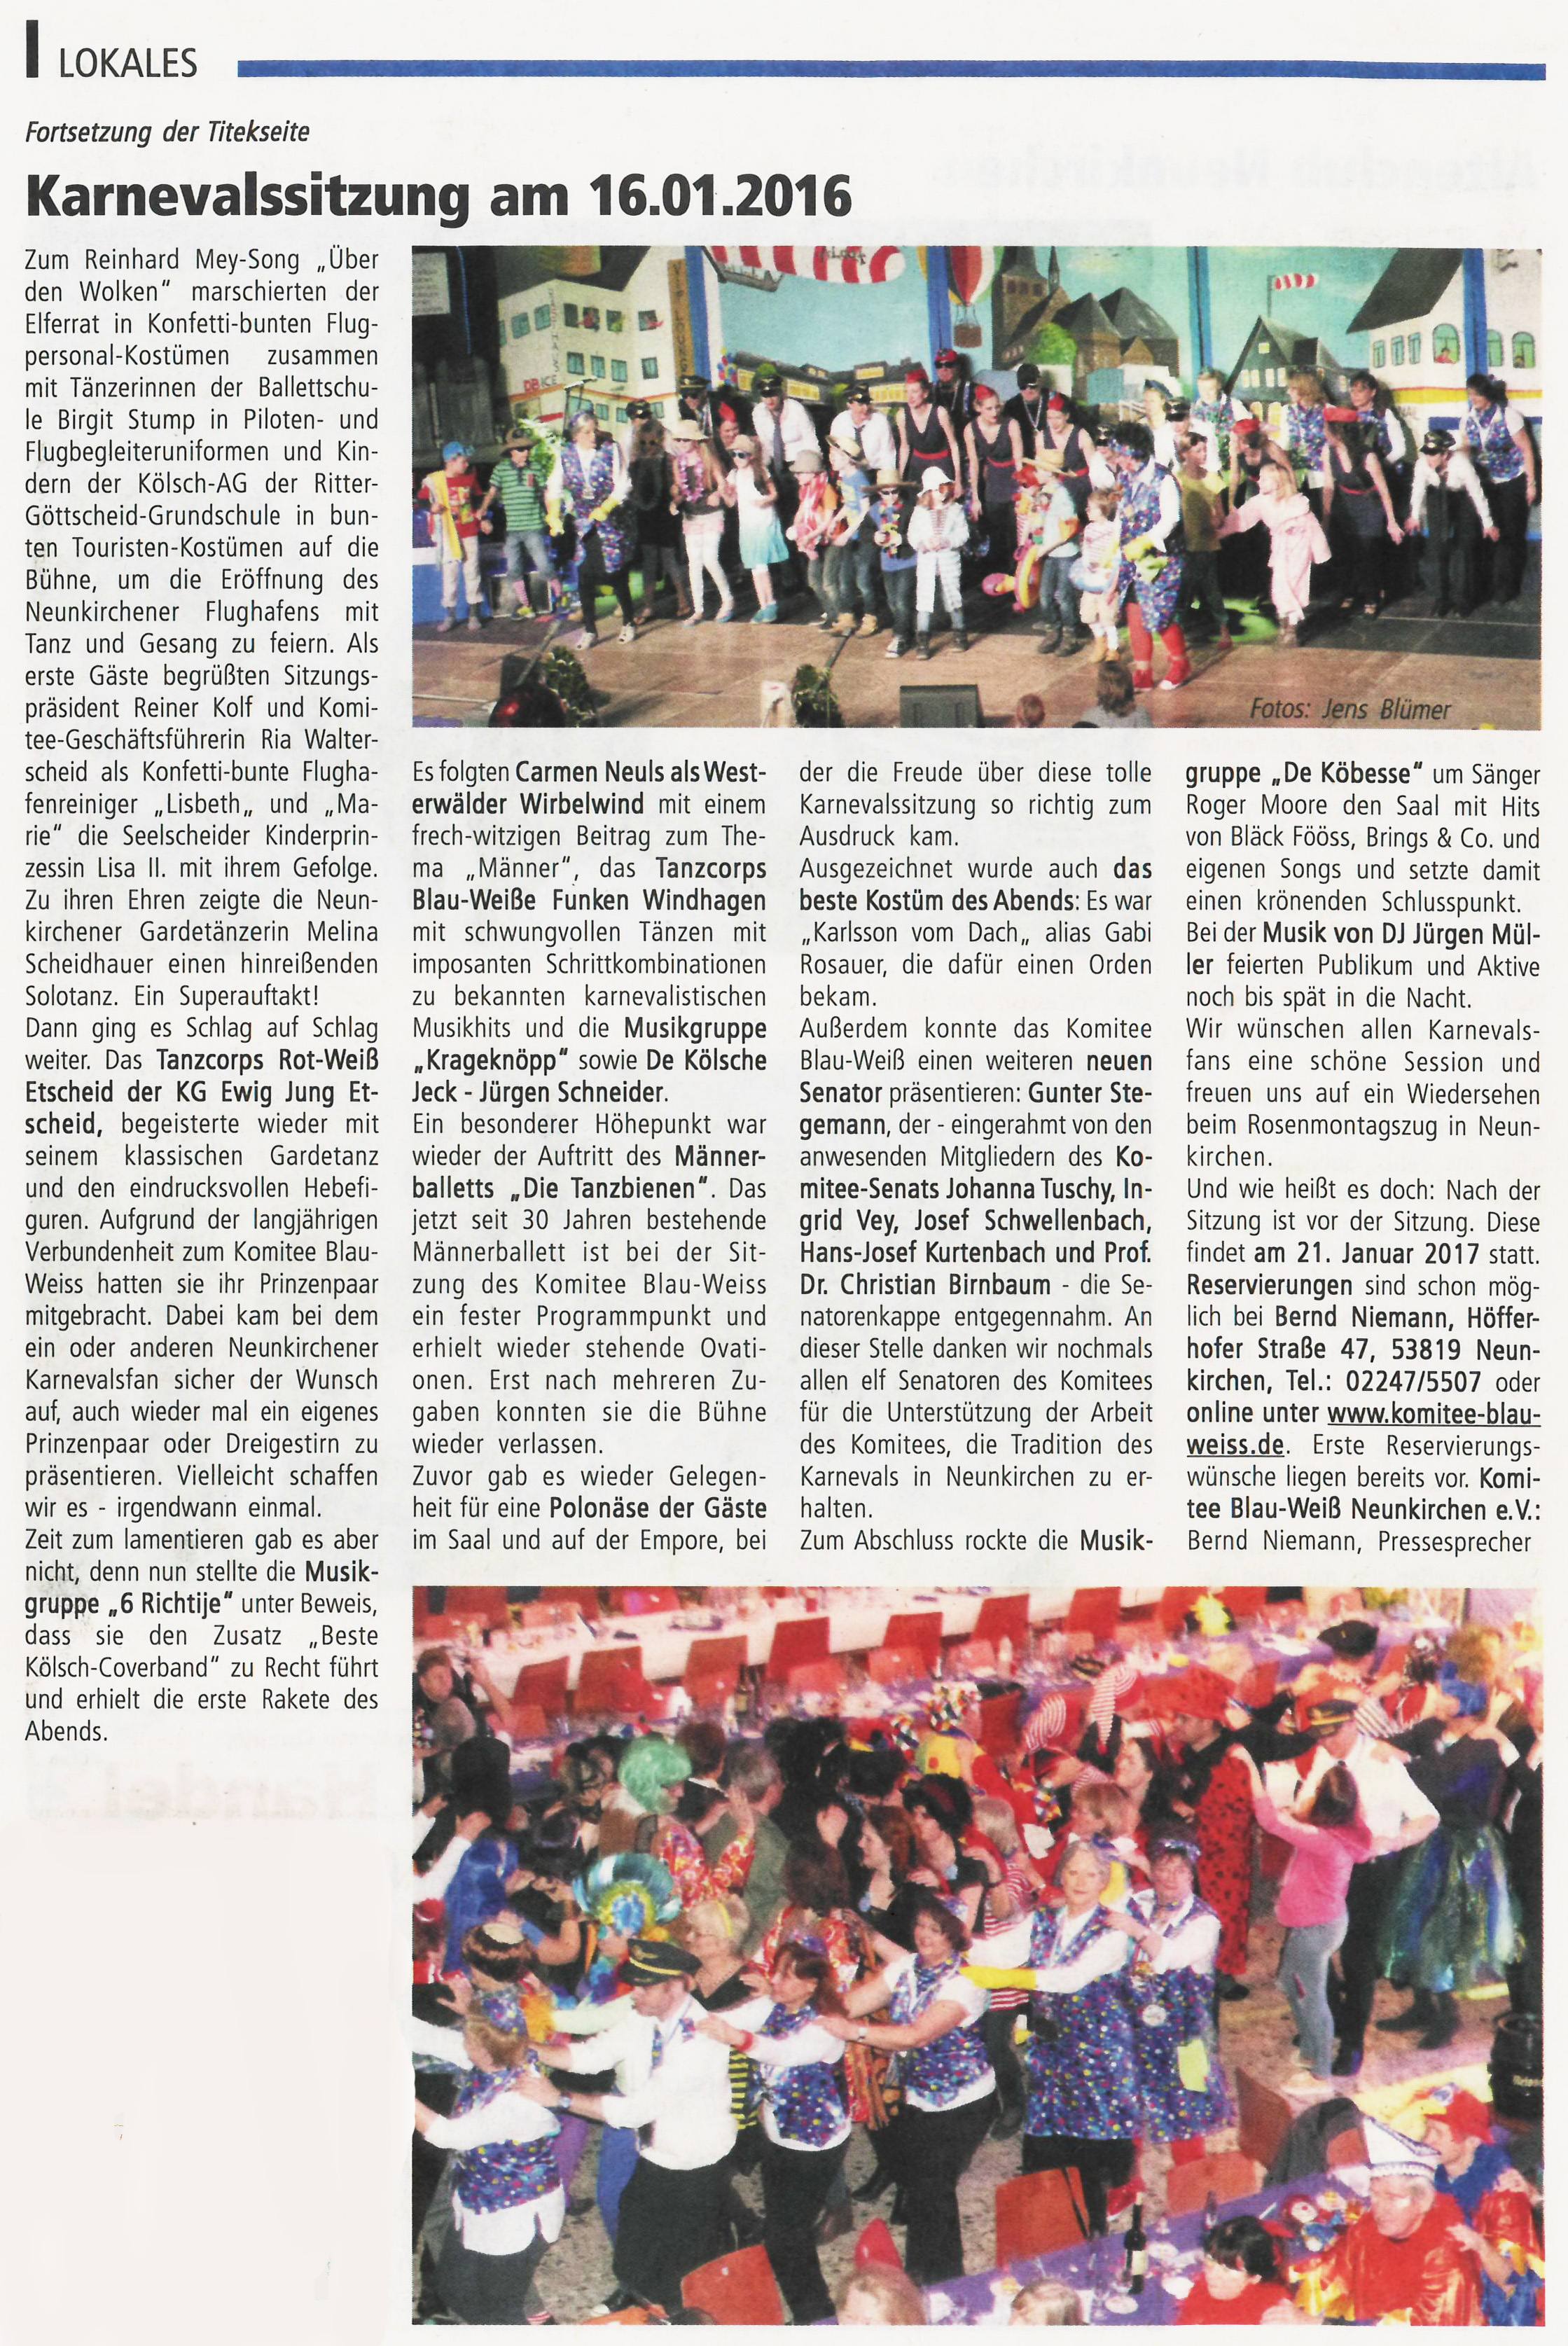 2016-01-18 Amtsblatt (1)